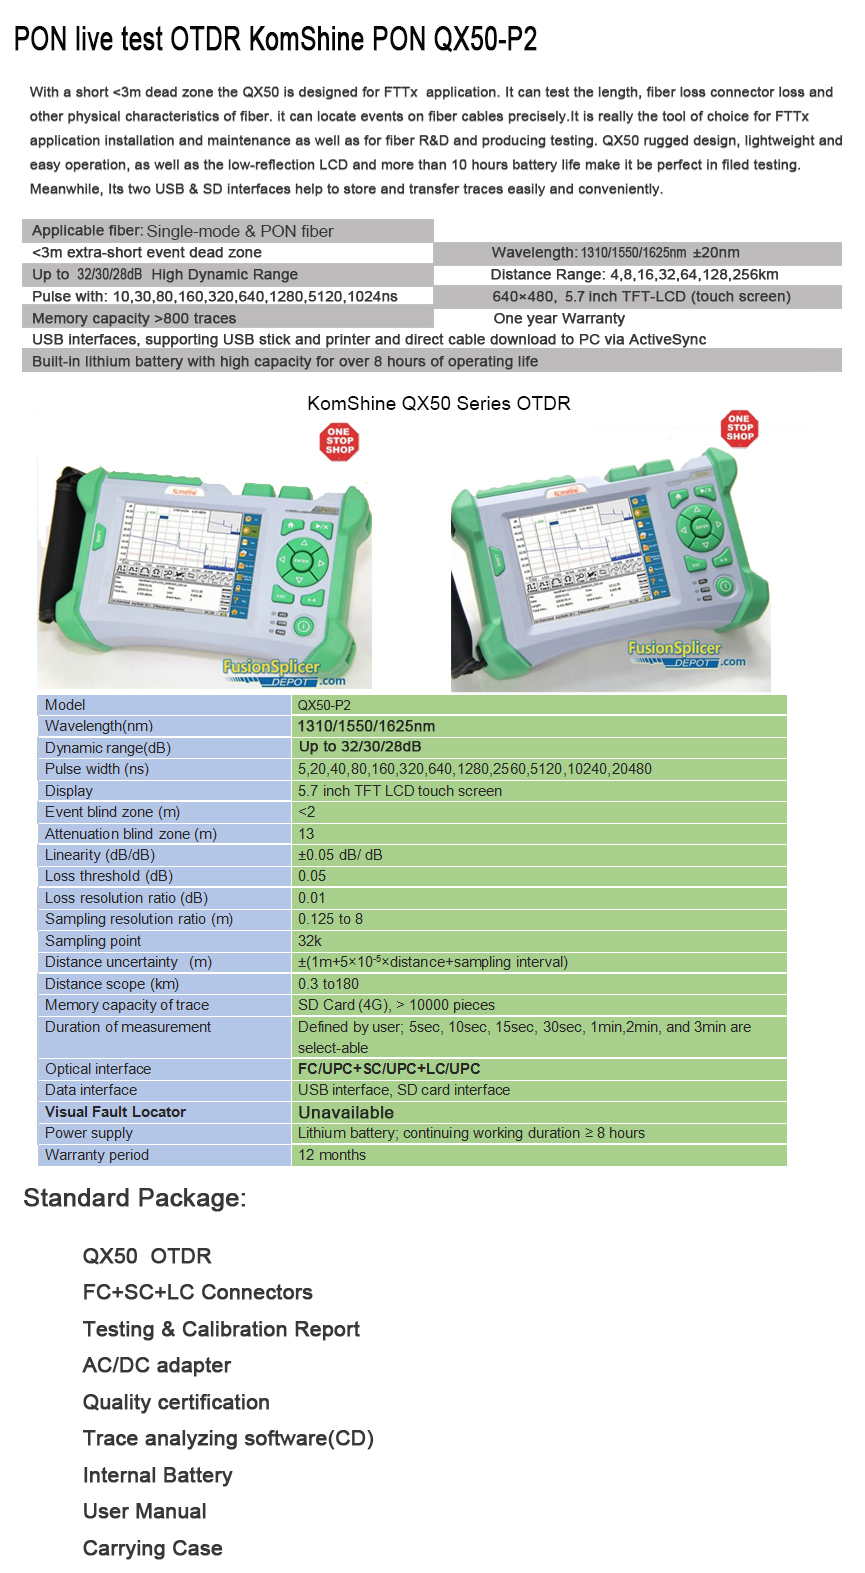 QX50-P2